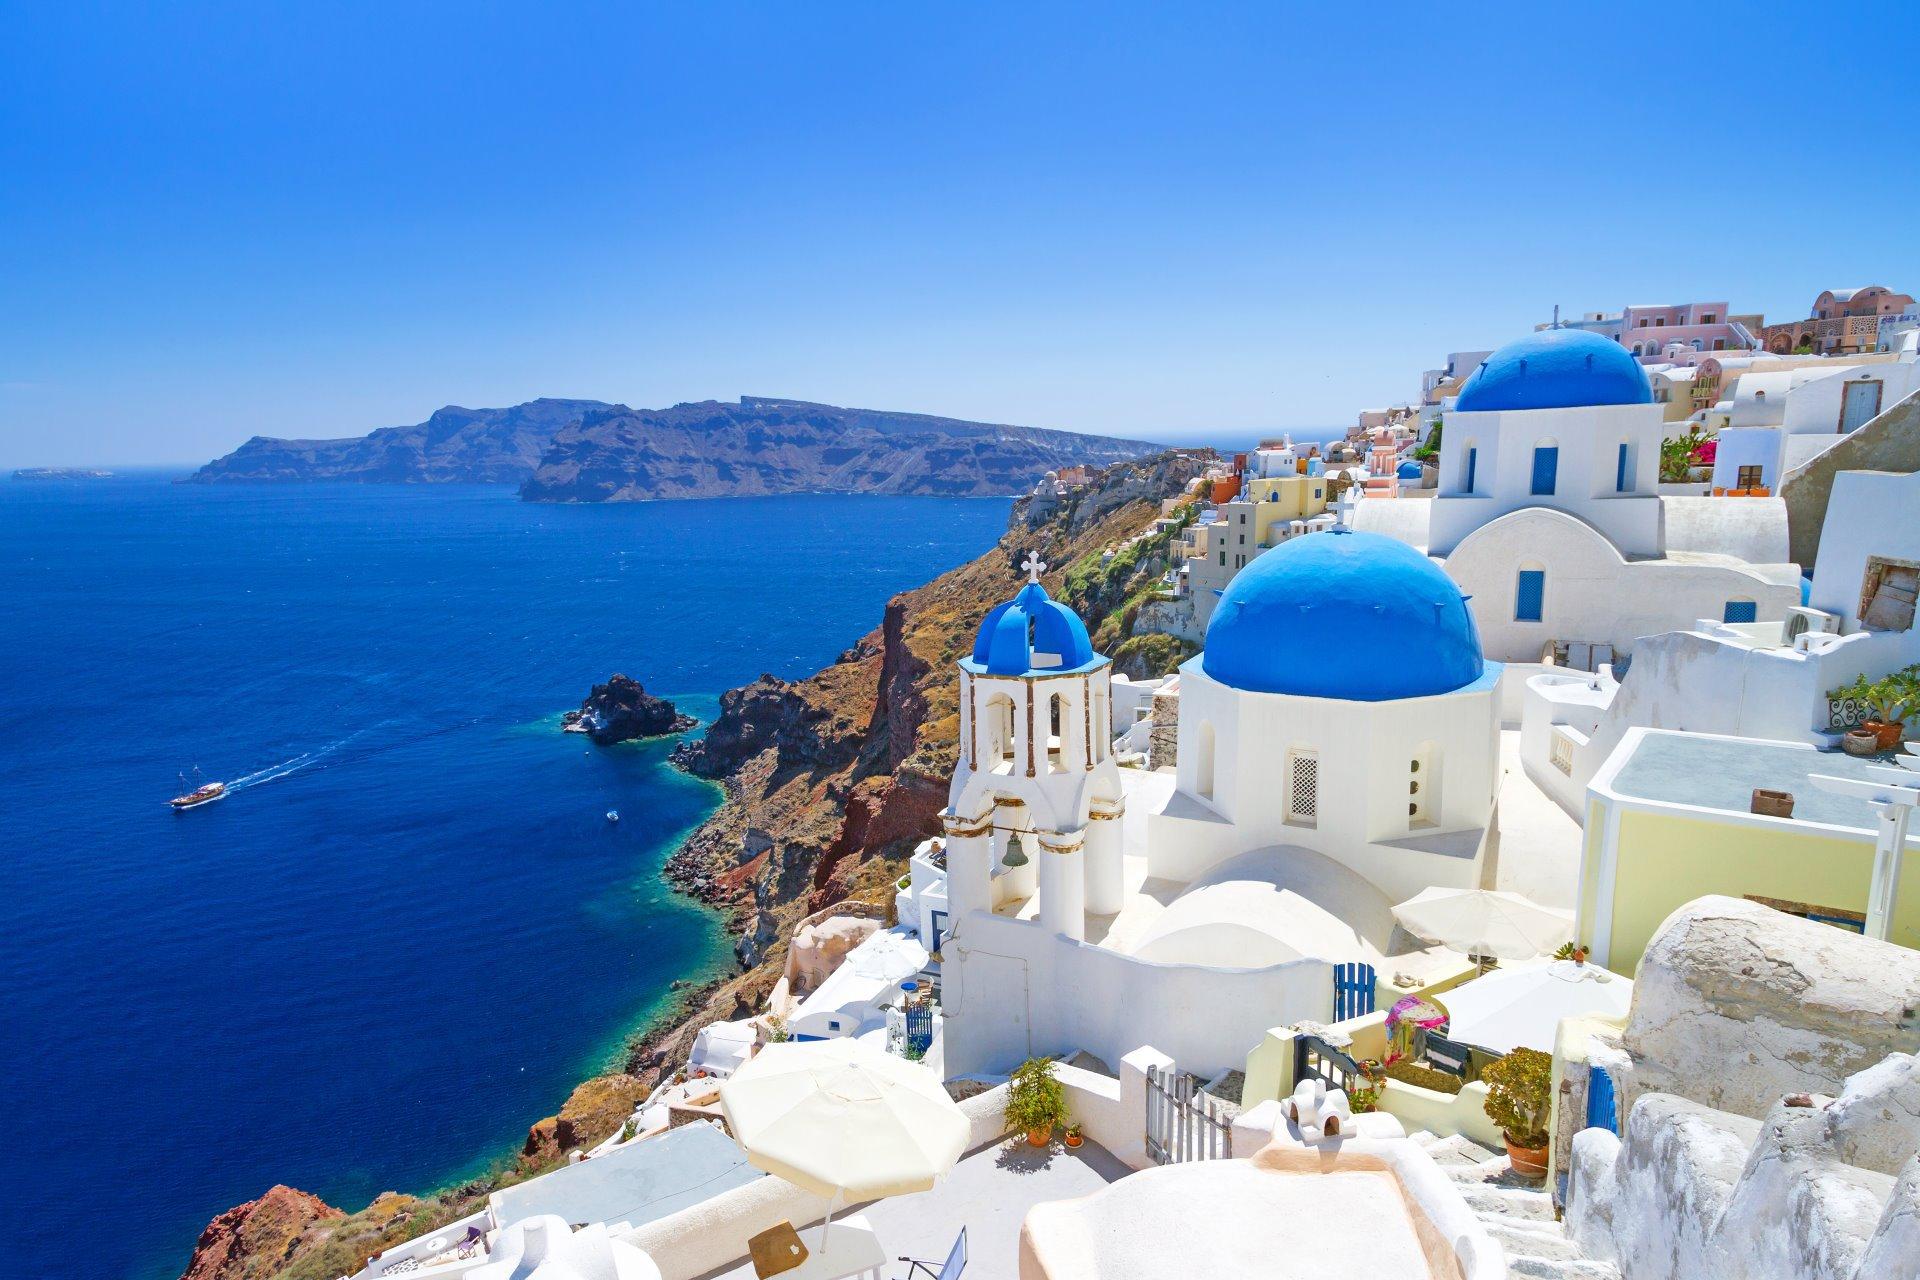 Sfeerimpressie zonvakantie Griekenland